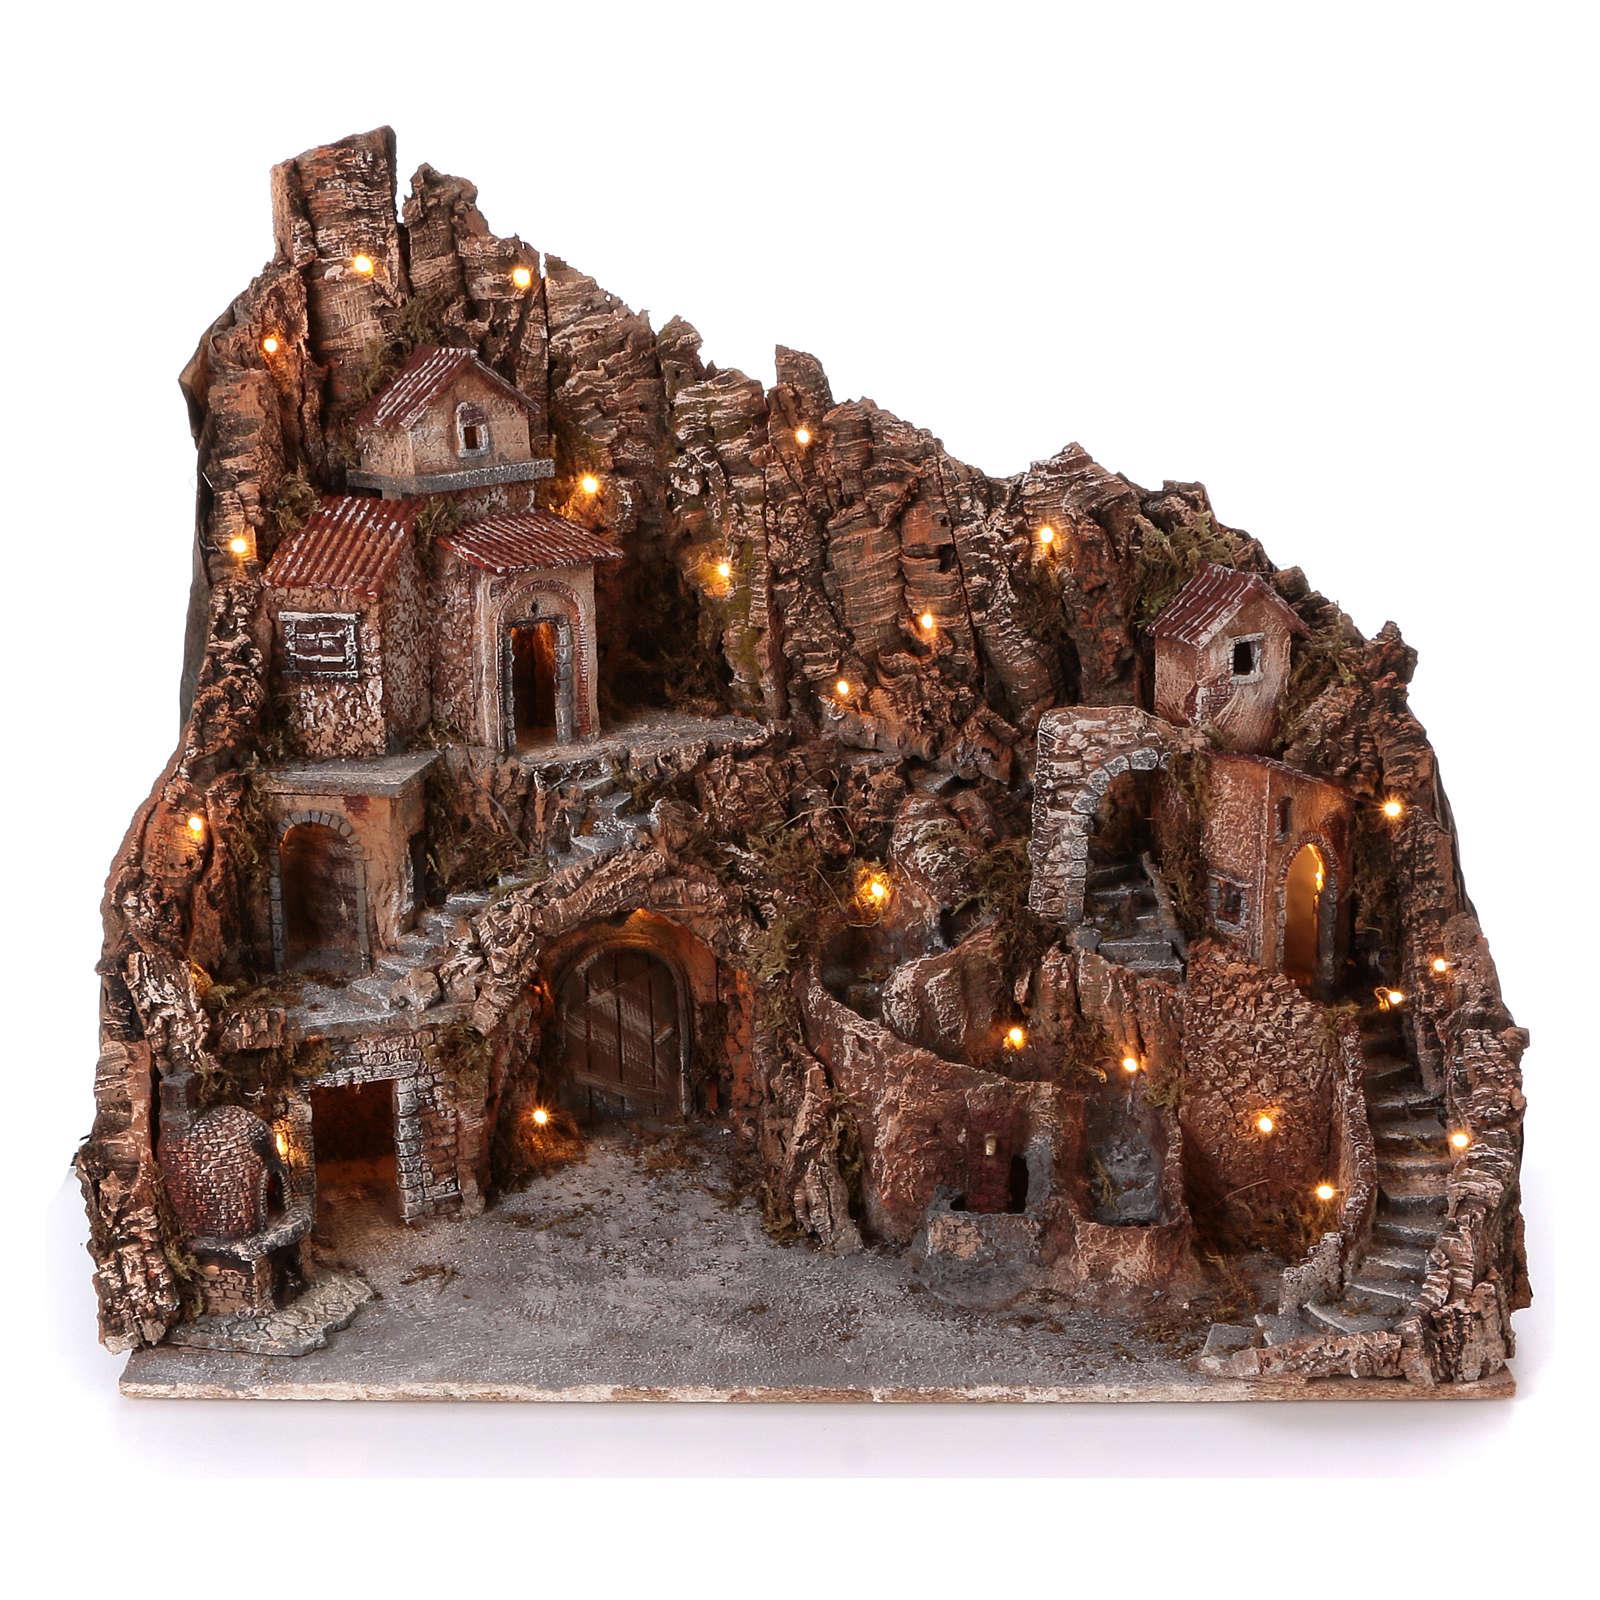 Pueblo con fuente horno y arroyo 55x60x65 cm iluminado belén Nápoles 10-12 cm 4